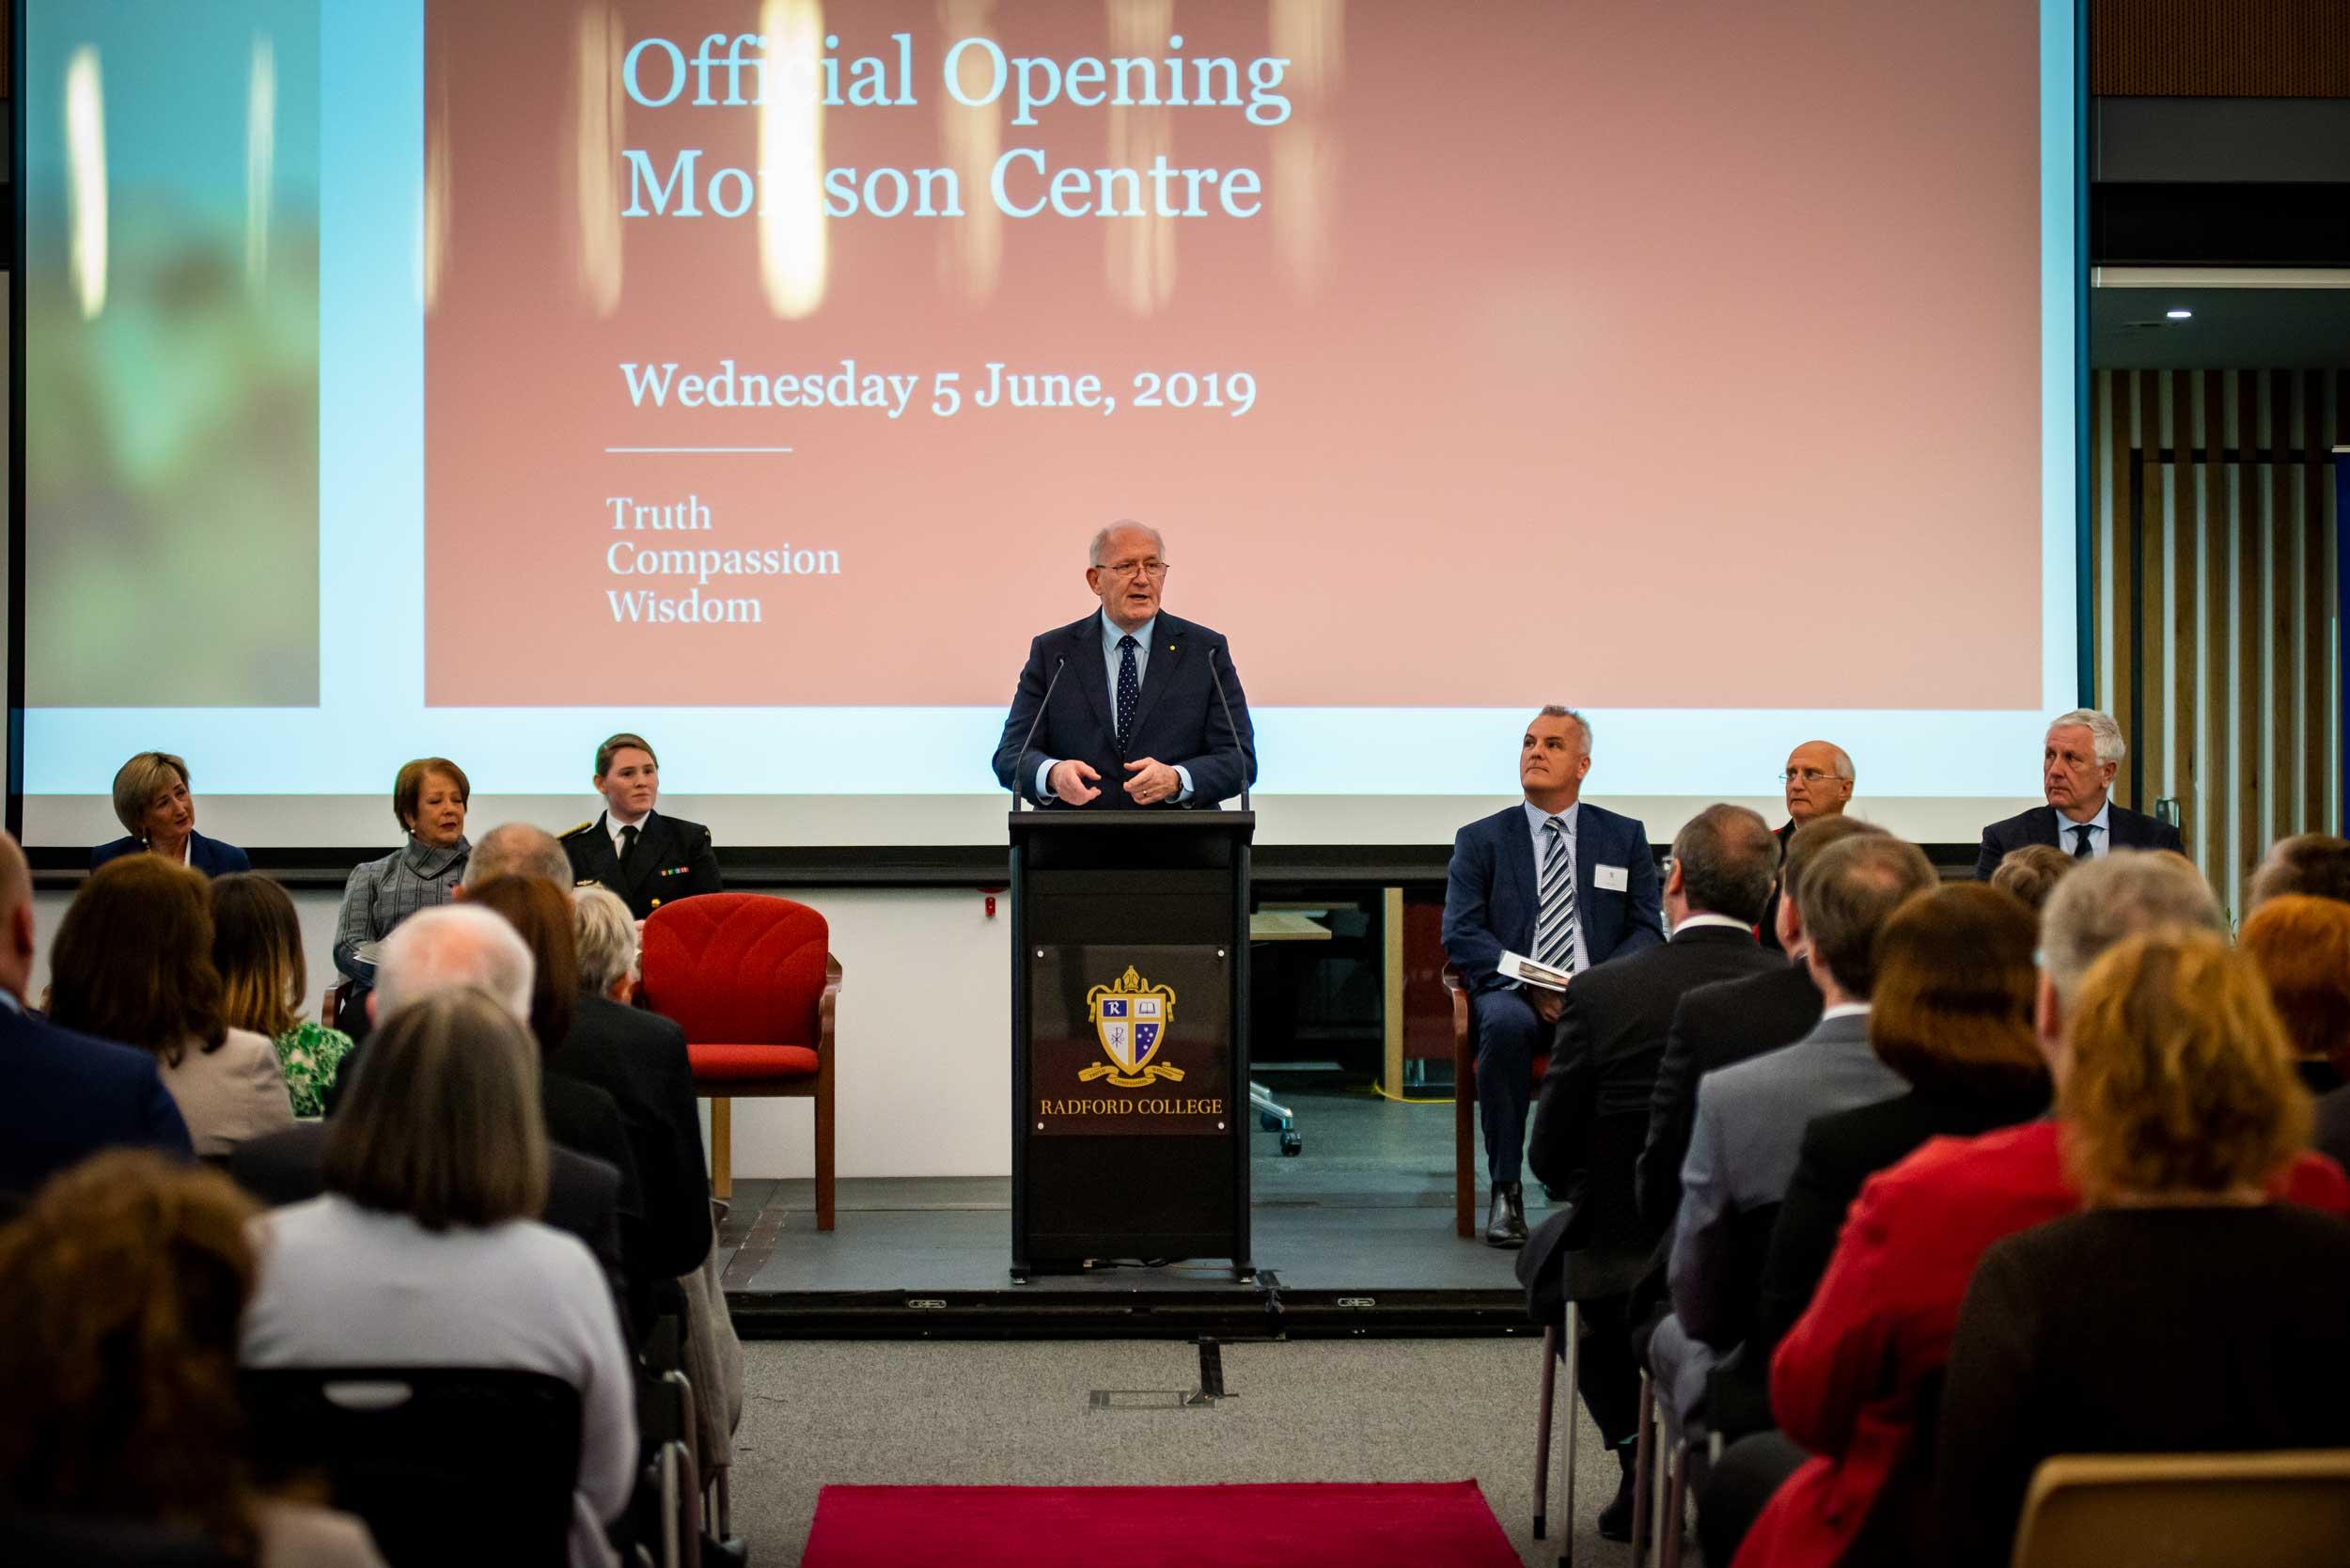 Morrison-Centre-opening-47.jpg